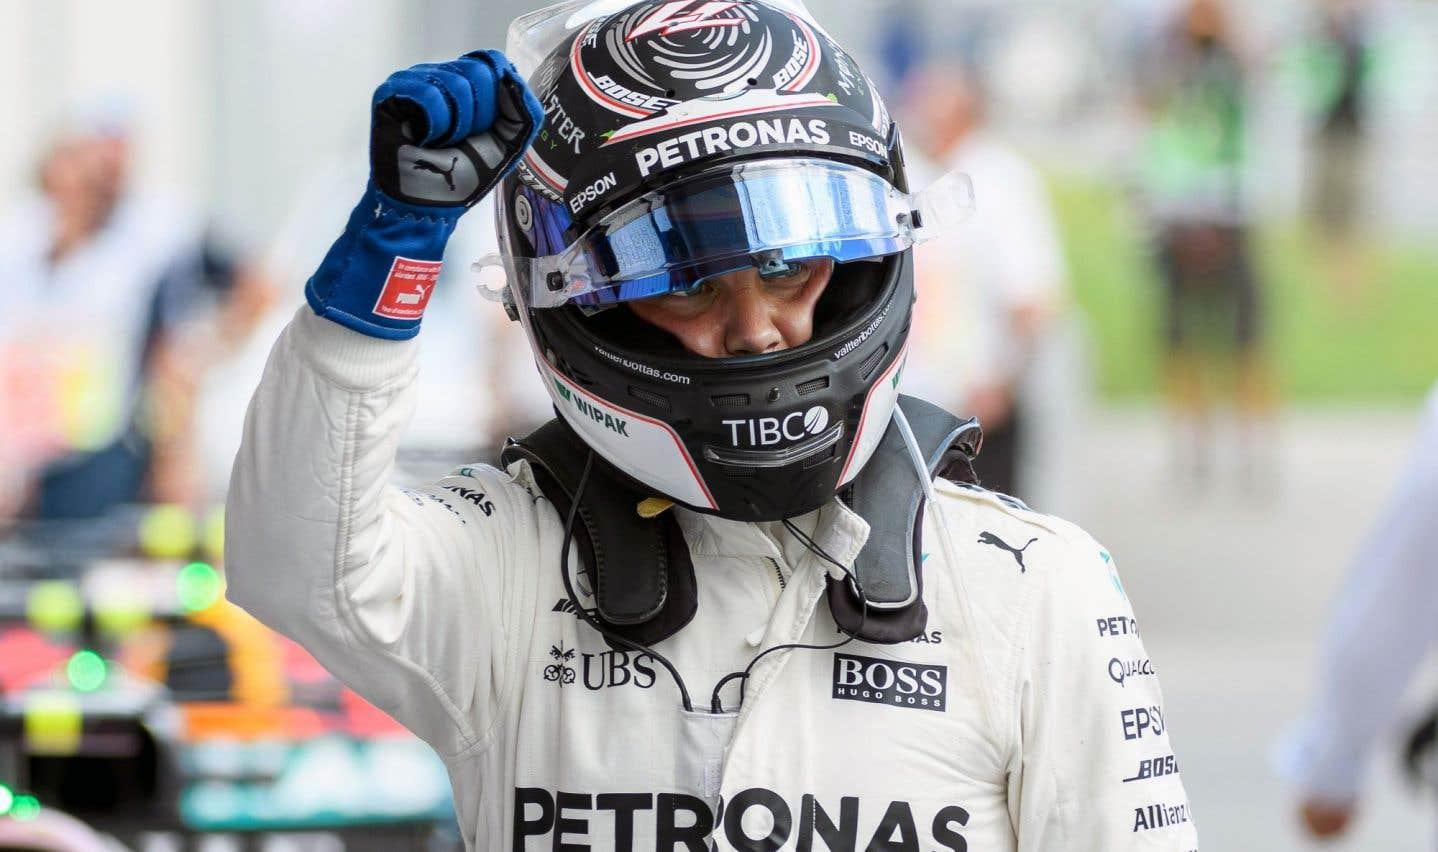 Valtteri Bottas remporte le Grand Prix d'Autriche